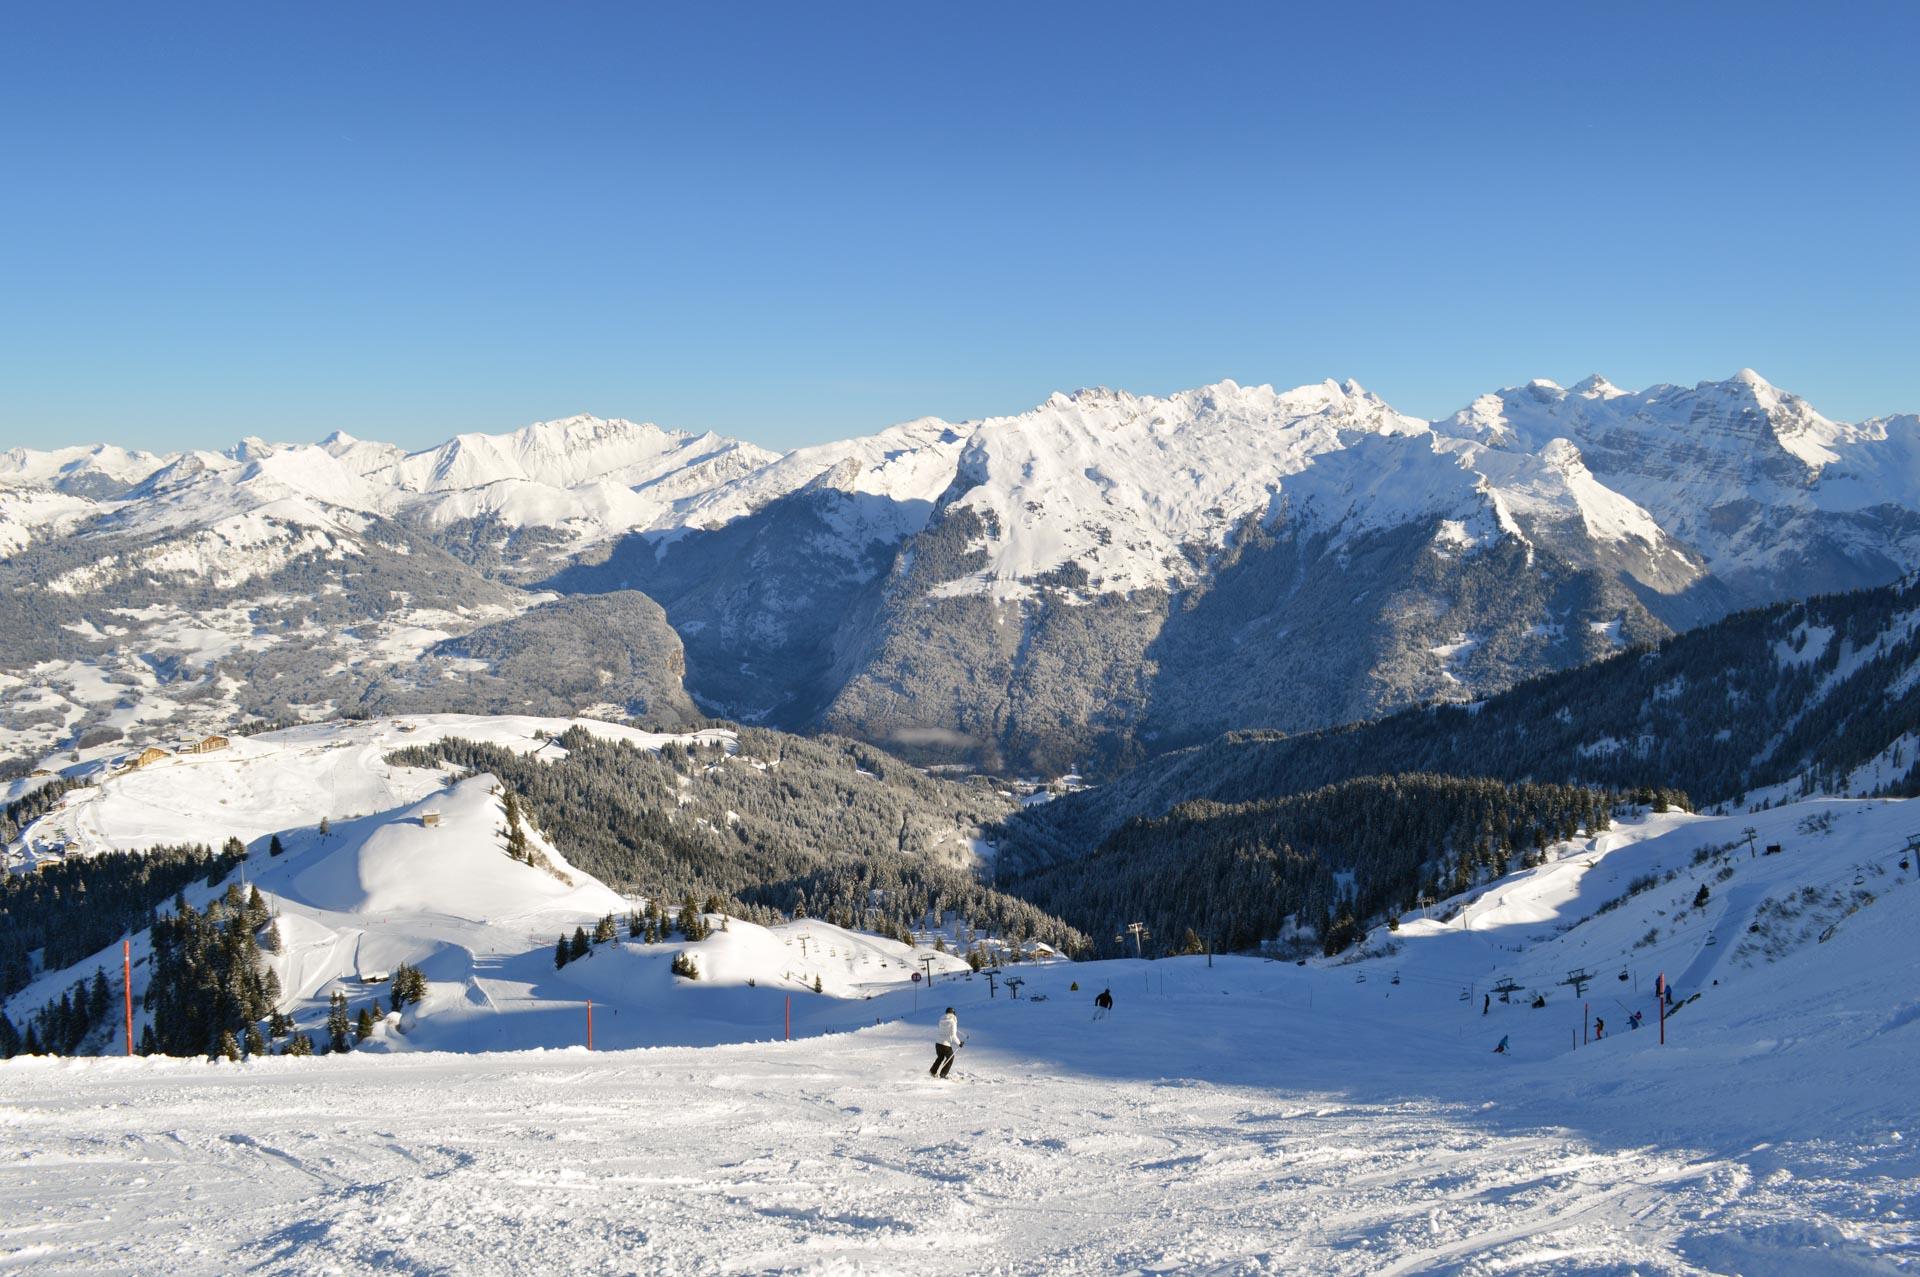 A skier in white going down the slope in the ski resort of Samoens